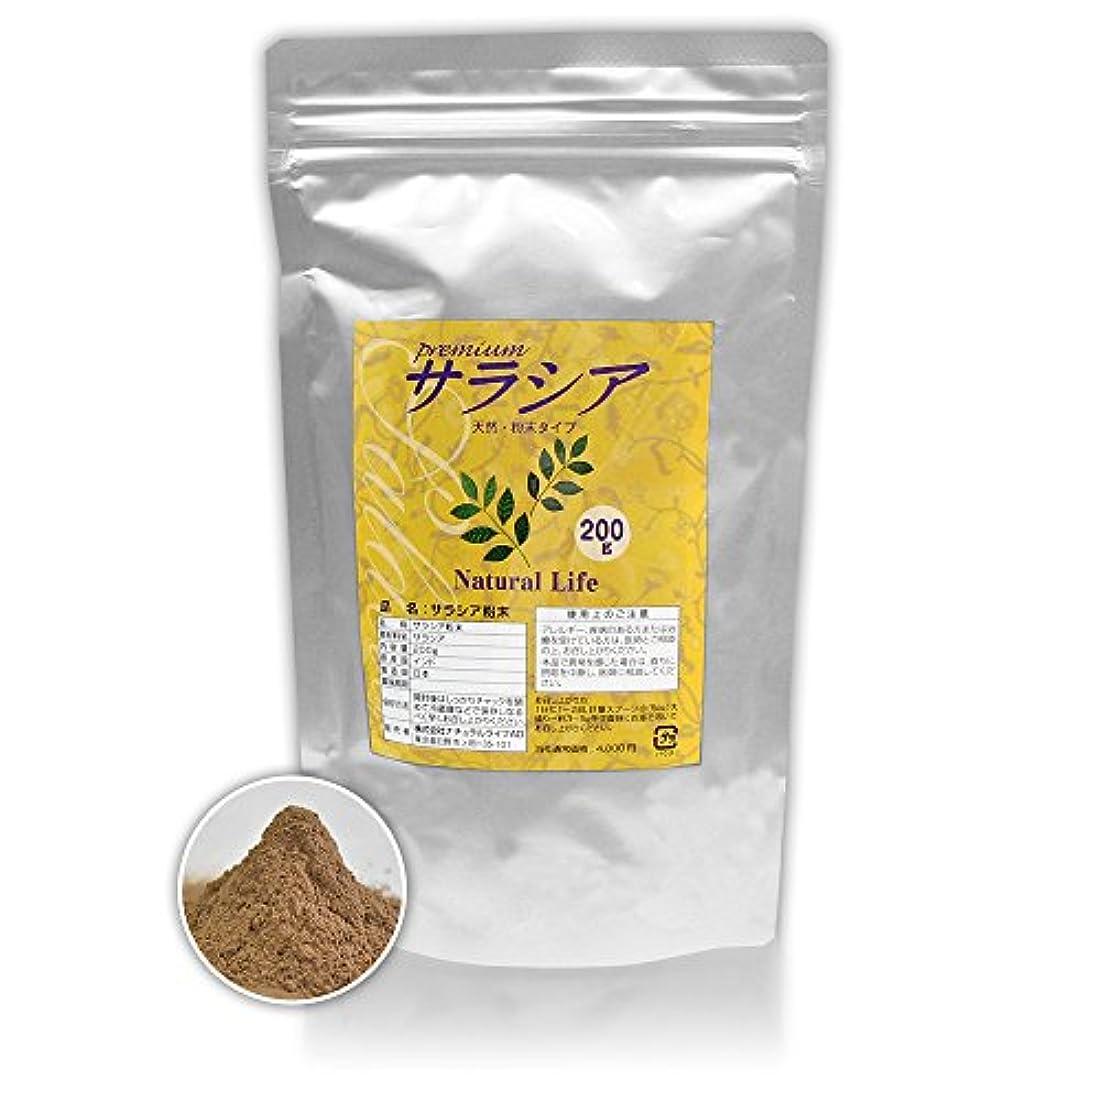 国旗ファックス異形サラシア粉末[200g]天然ピュア原料(無添加)健康食品(さらしあ,レティキュラータ)